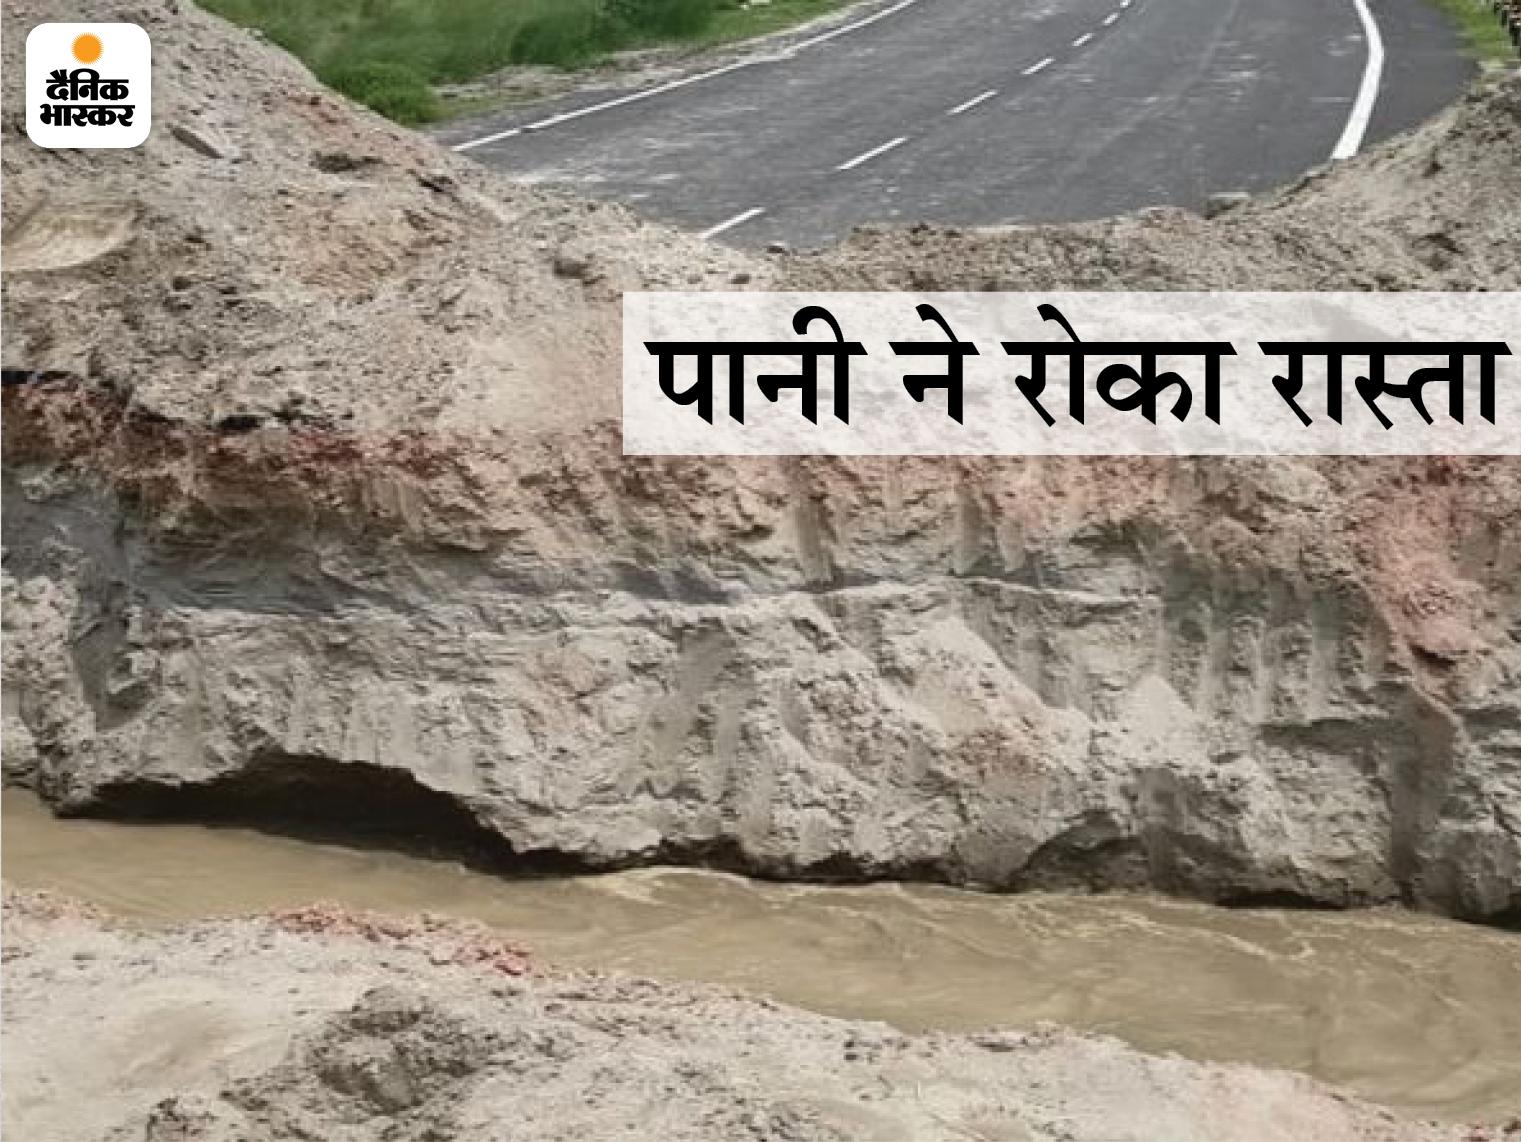 गंडक का जलस्तर बढ़ने से सत्तरघाट पुल के पास दो स्थानों पर काटा गया अप्रोच रोड, 50 लाख की आबादी प्रभावित|बिहार,Bihar - Dainik Bhaskar